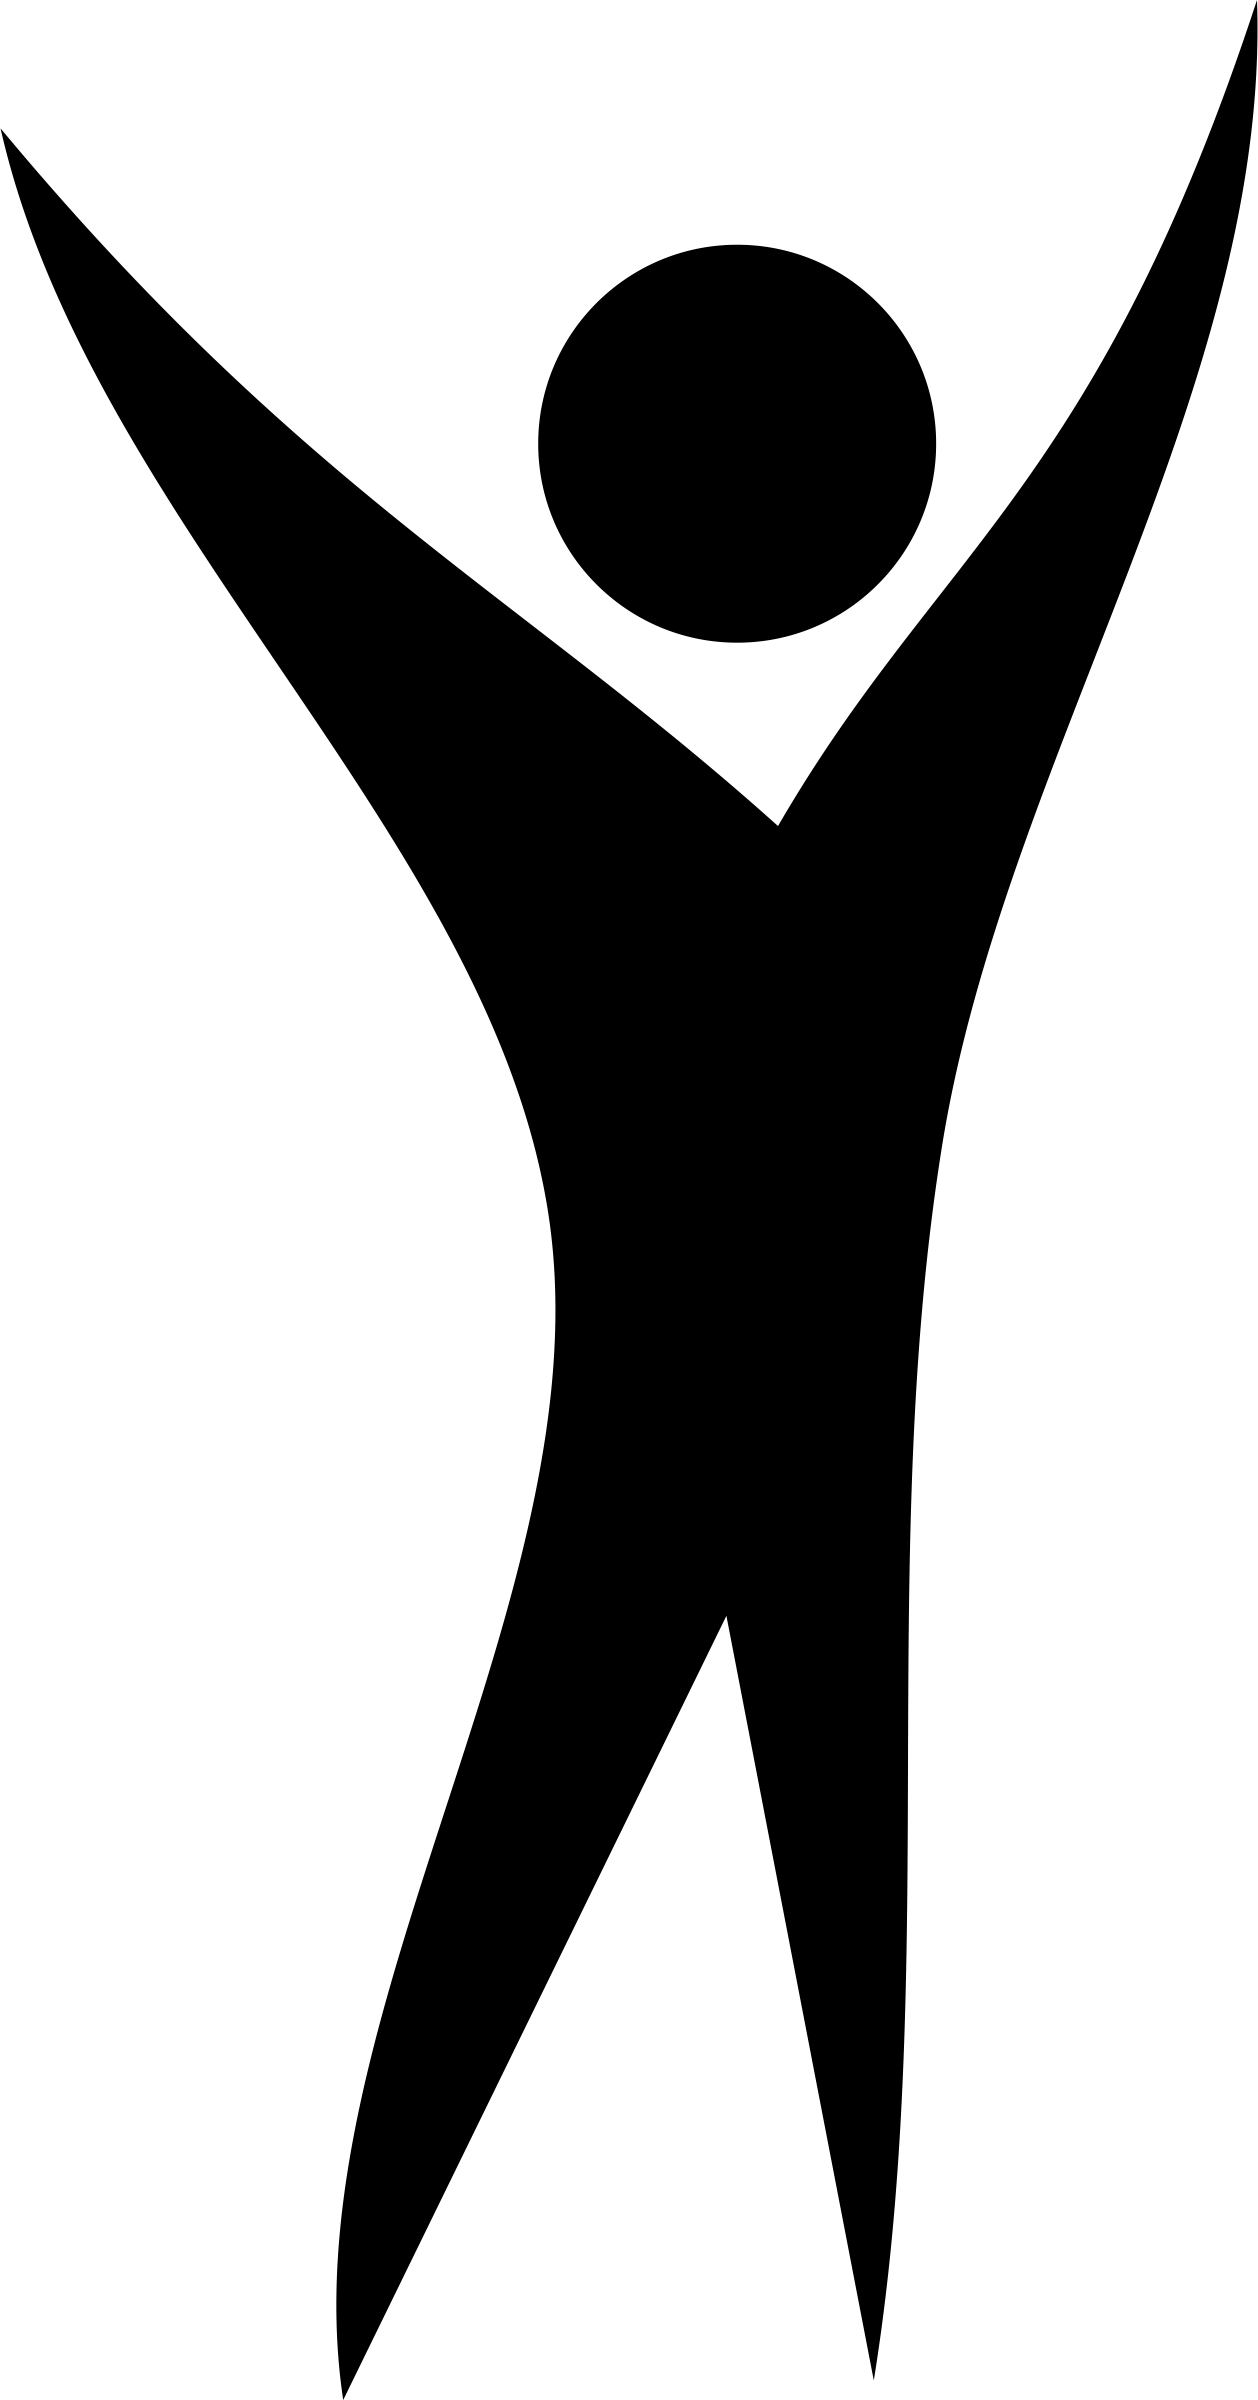 Man Silhouette Icon